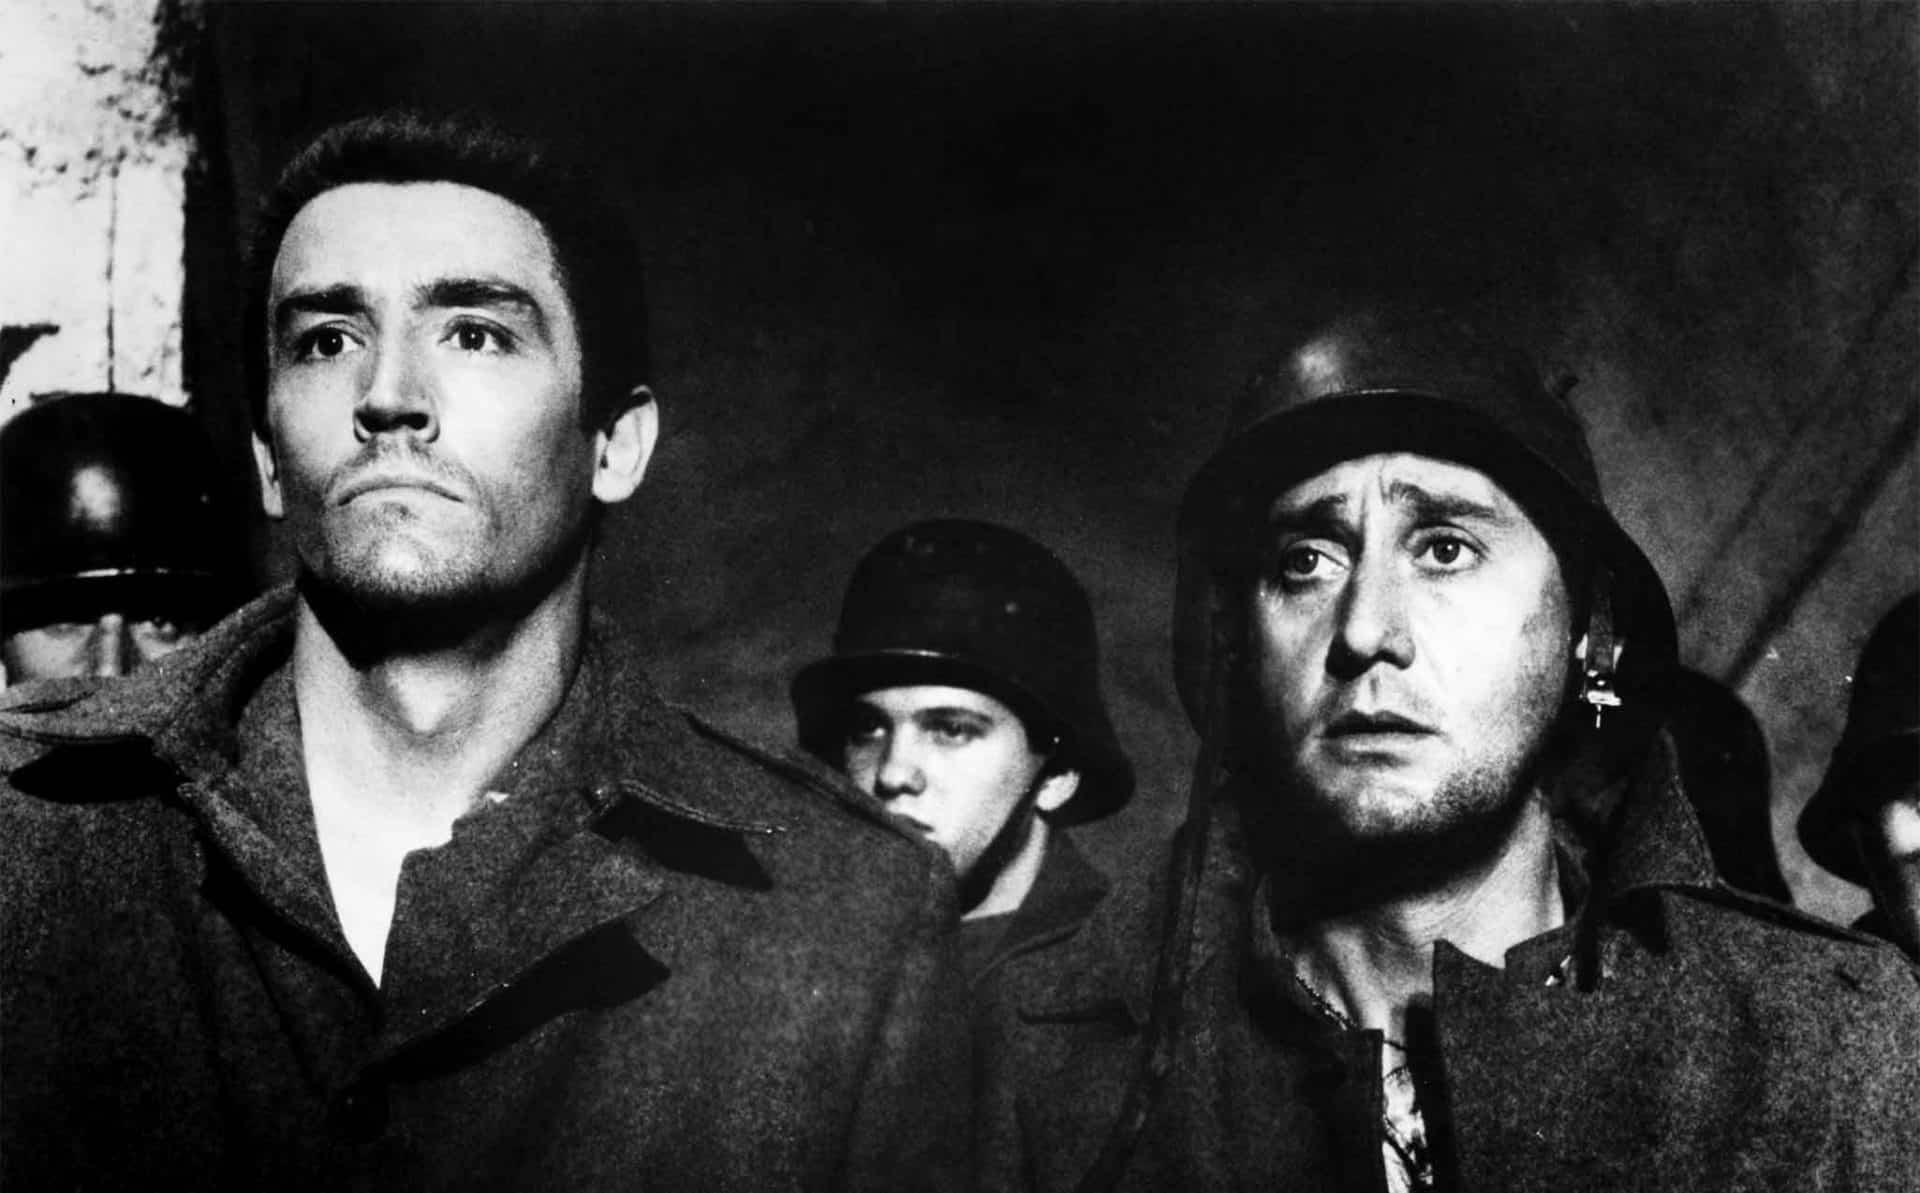 La grande guerra: recensione e analisi del film - Cinematographe.it